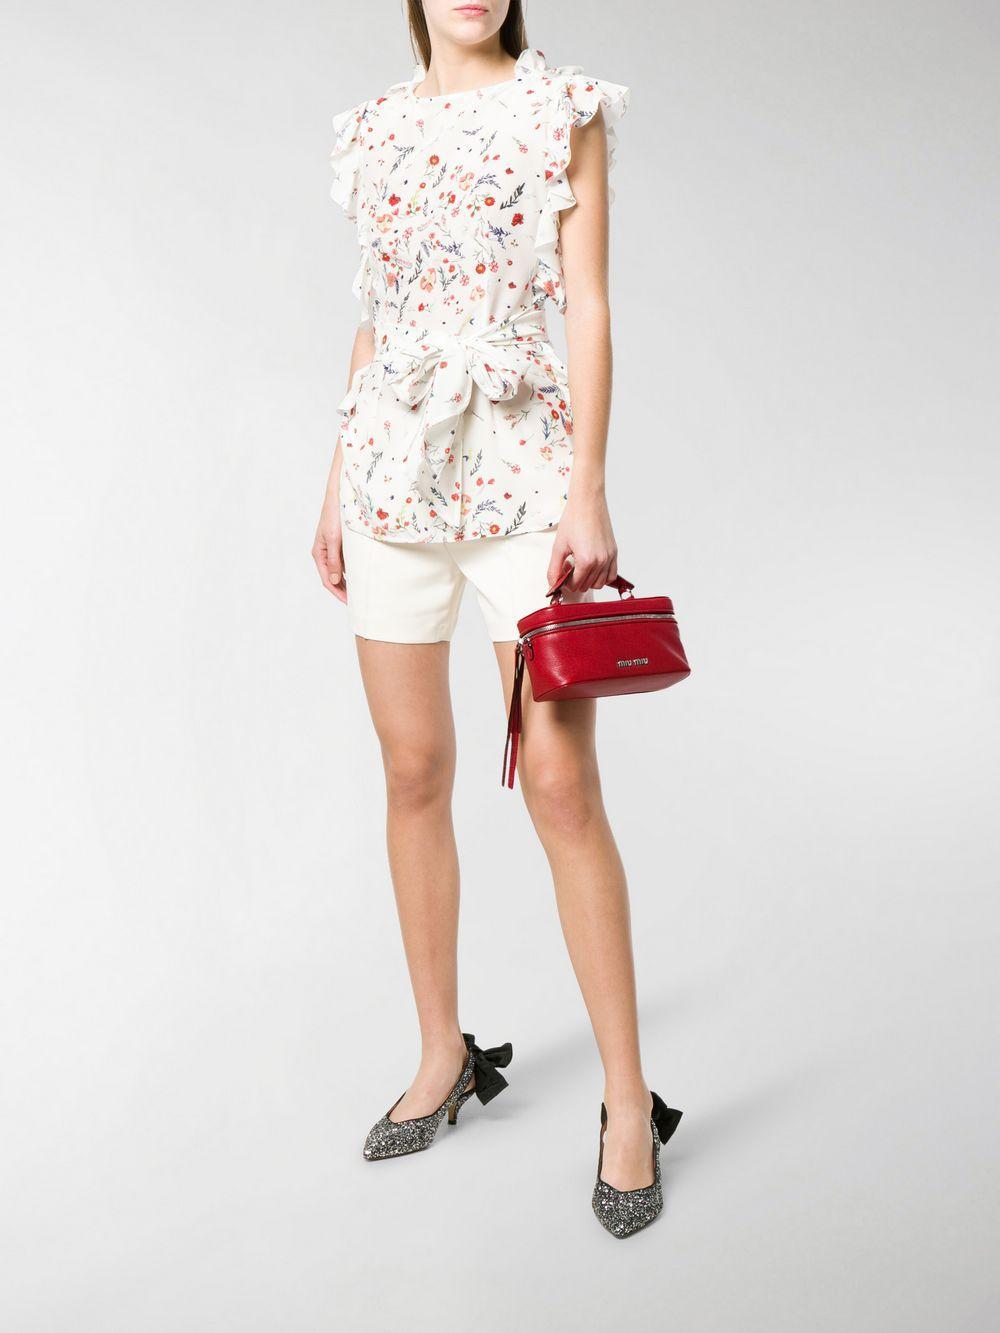 75a06aa4c95b Miu Miu - Red Top Handle Shoulder Bag - Lyst. View fullscreen